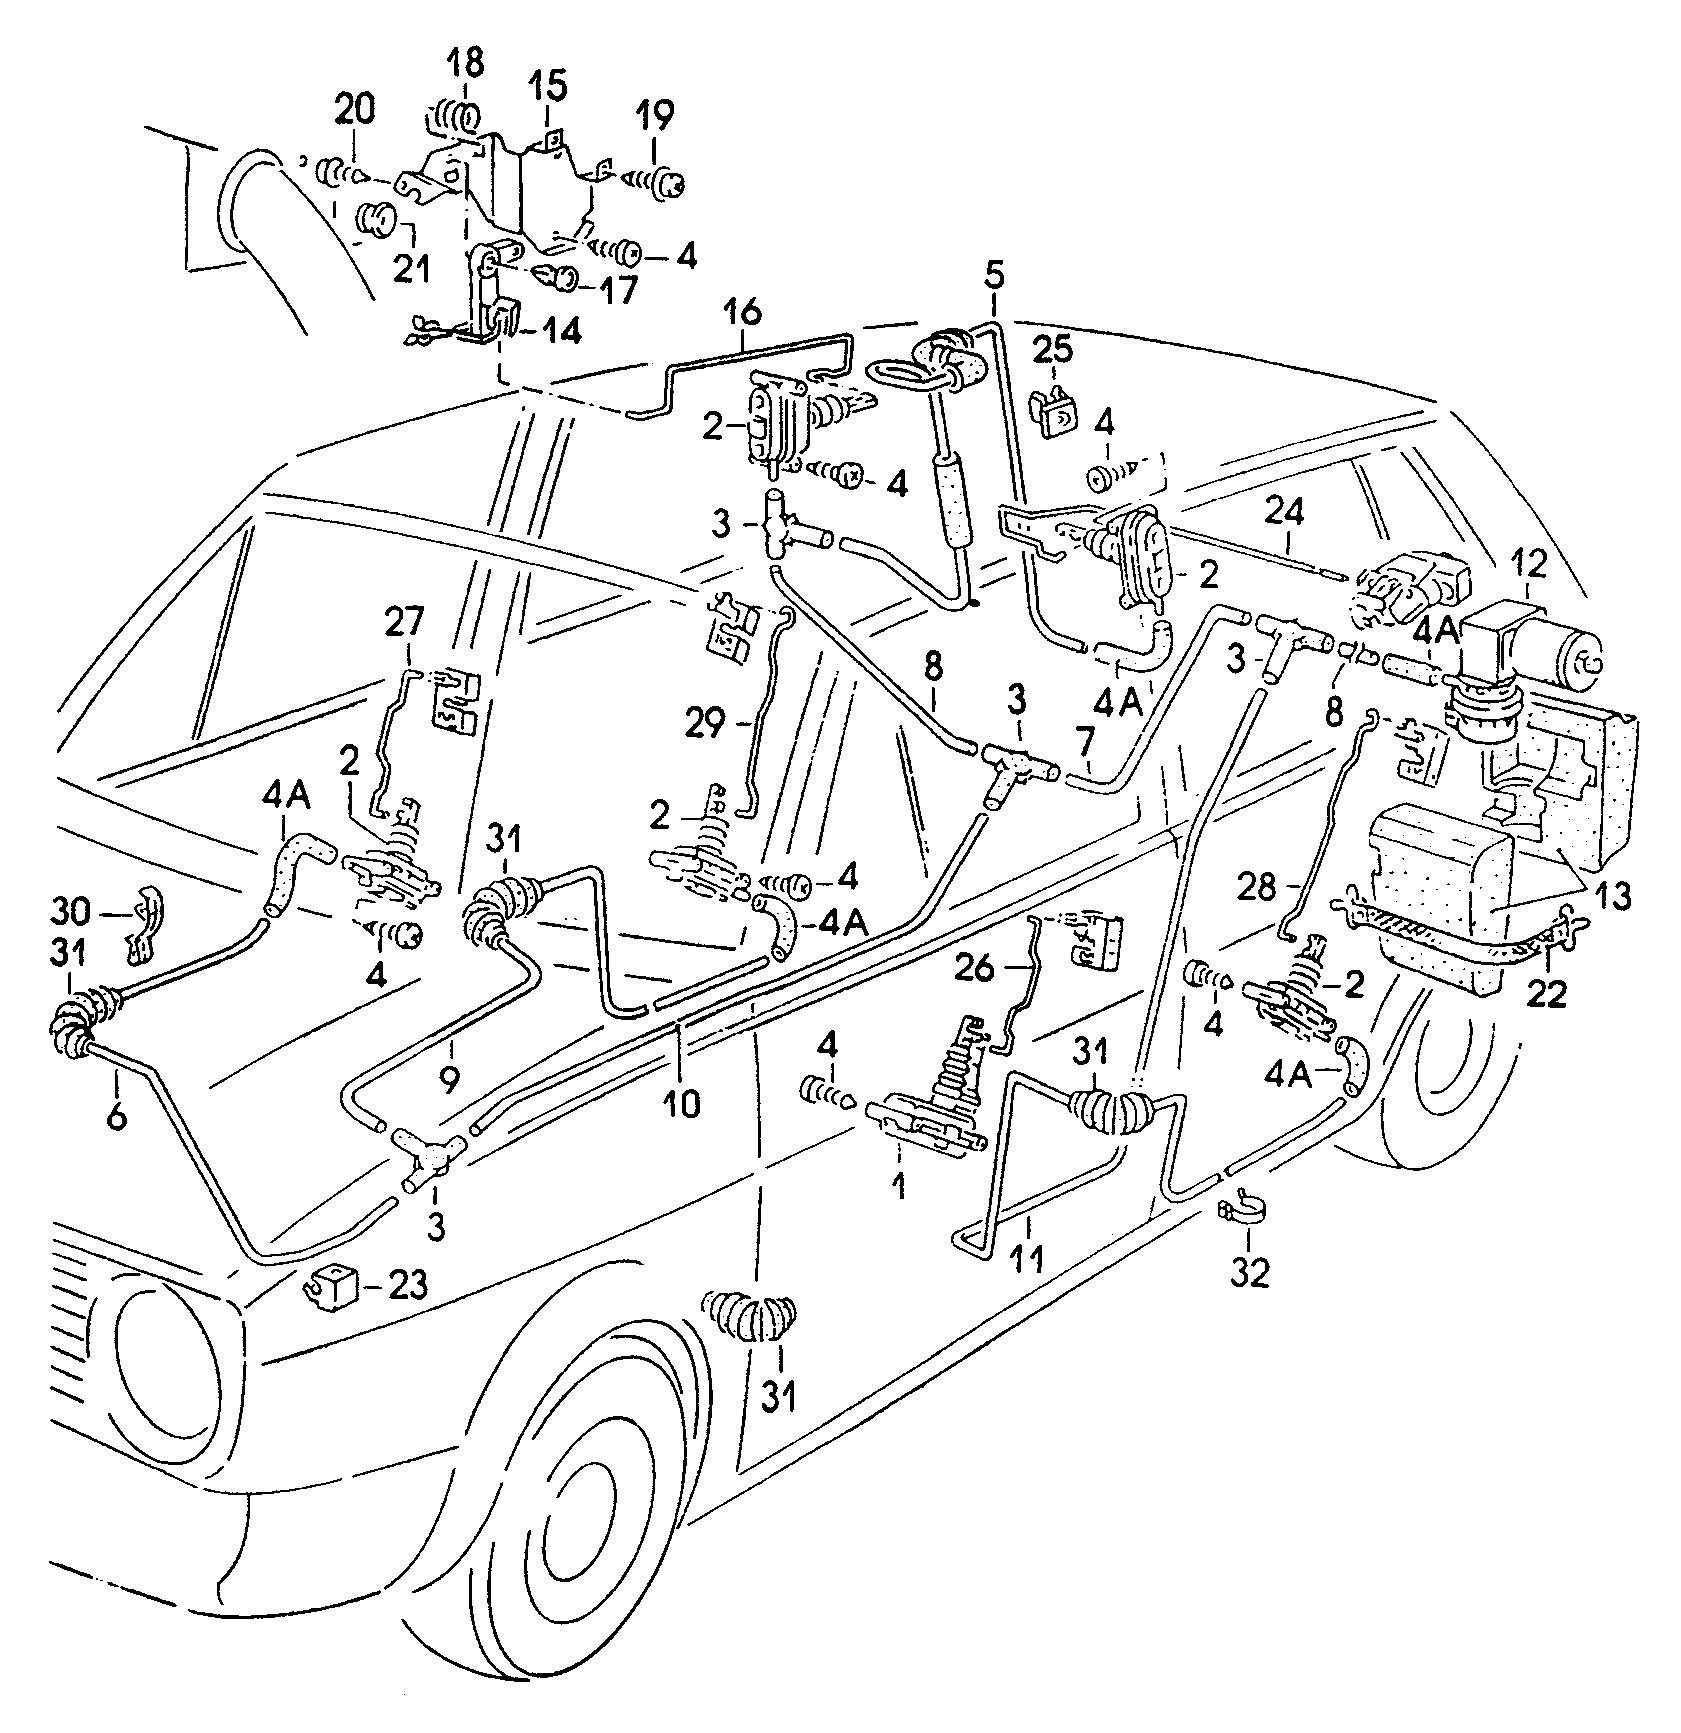 1989 Volkswagen Jetta Central locking system